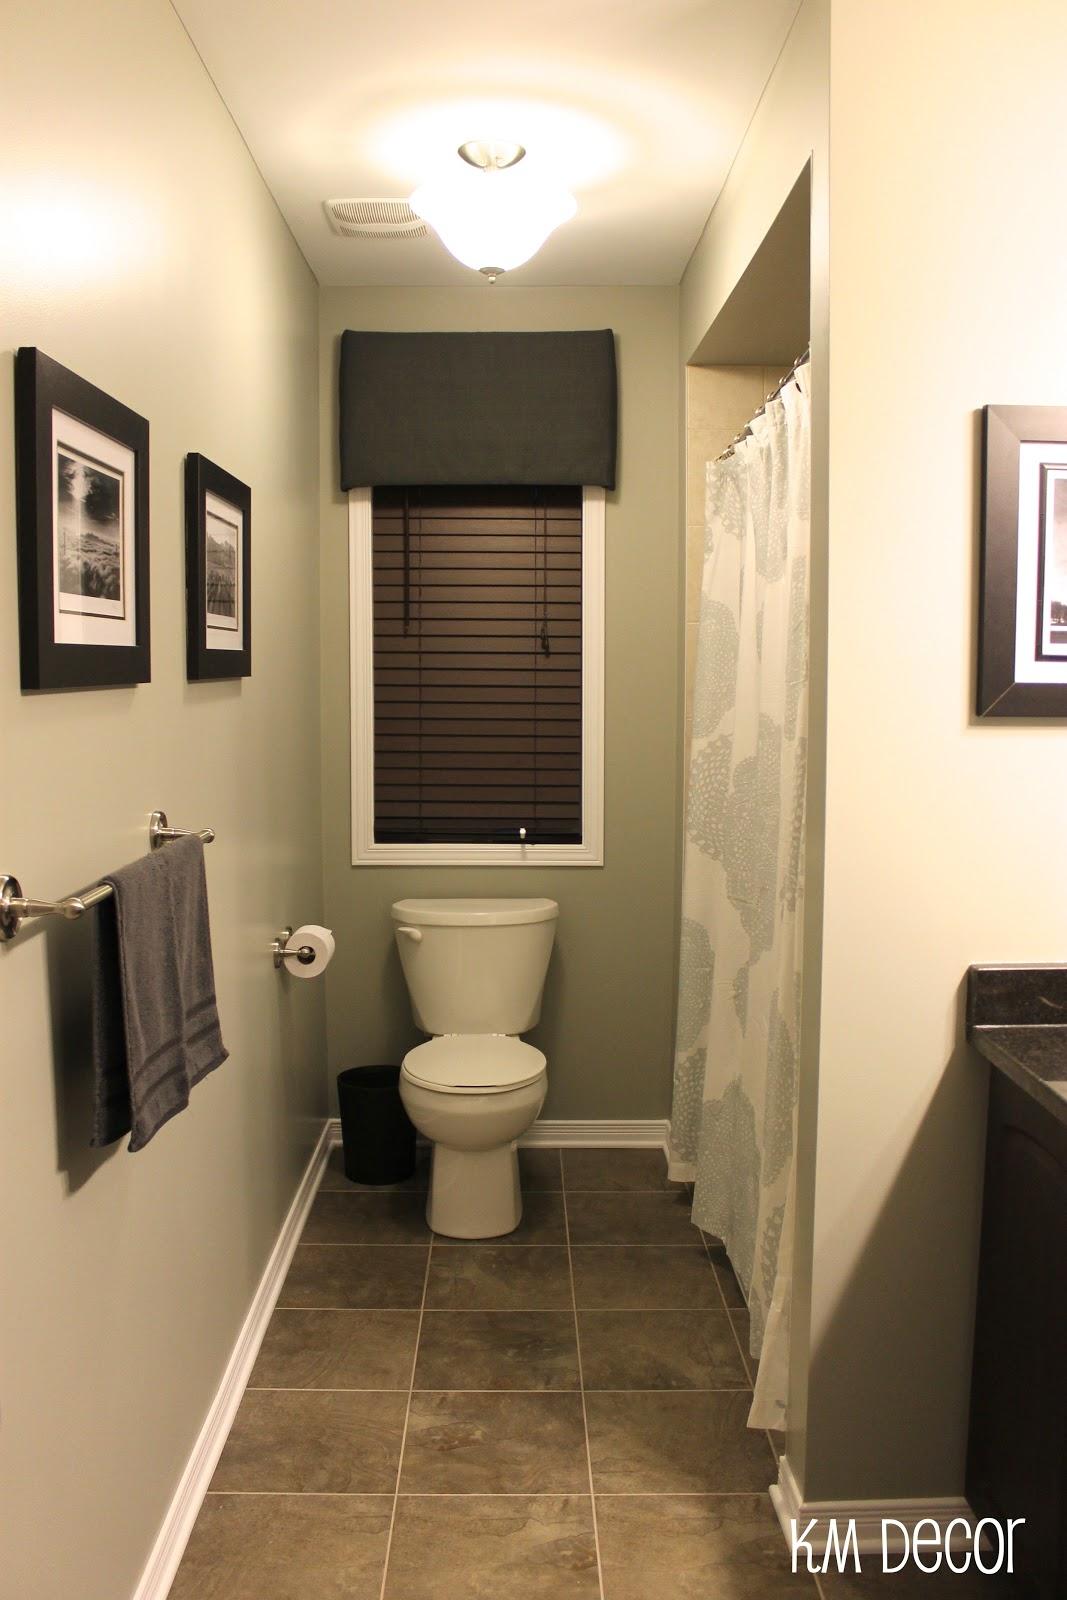 KM Decor: Main Bathroom Reveal on Main Bathroom Ideas  id=97522